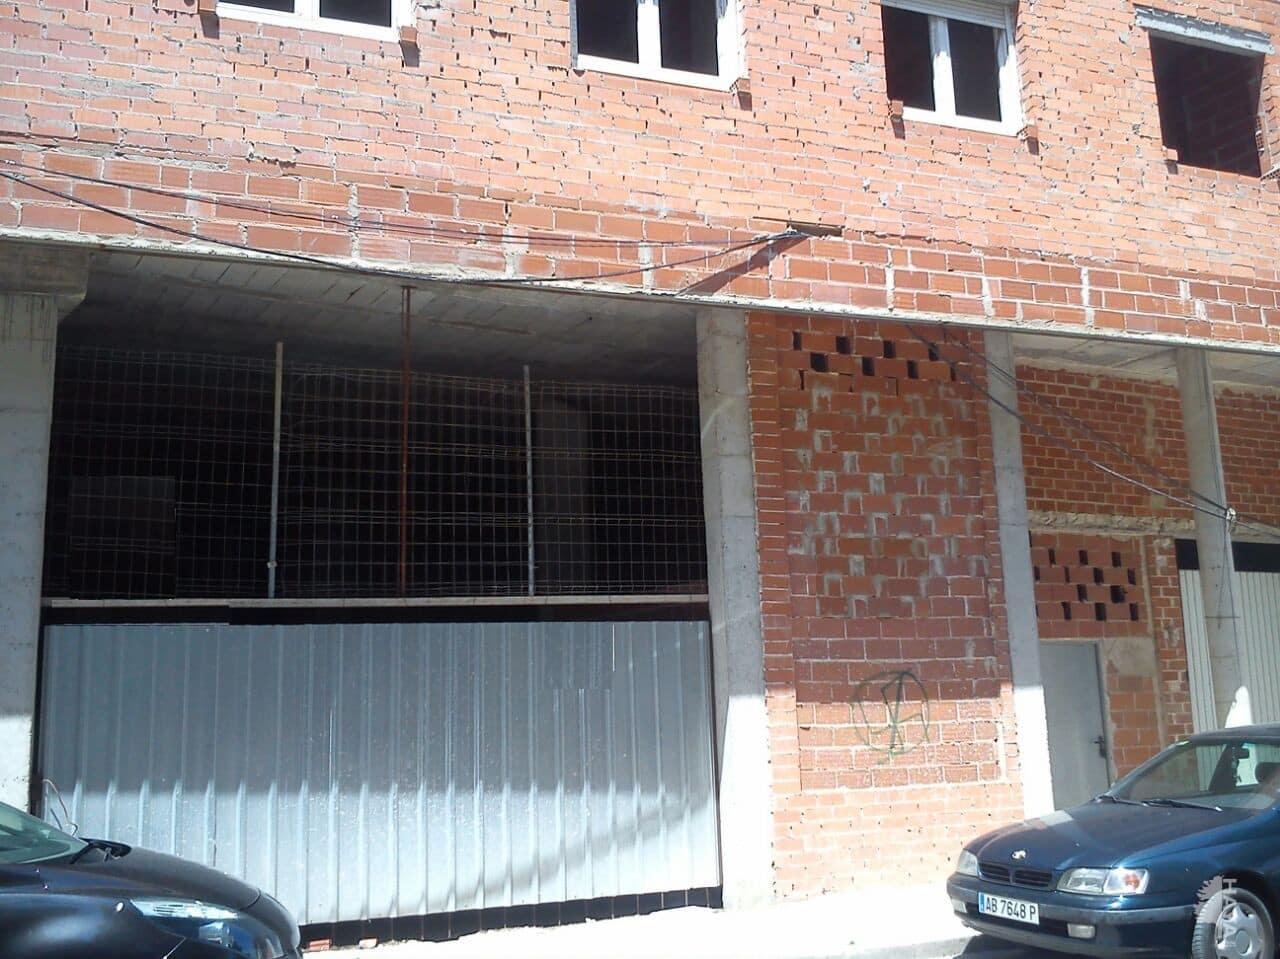 Local en venta en La Roda, la Roda, Albacete, Calle Juan Garcia Glz, 30.700 €, 77 m2